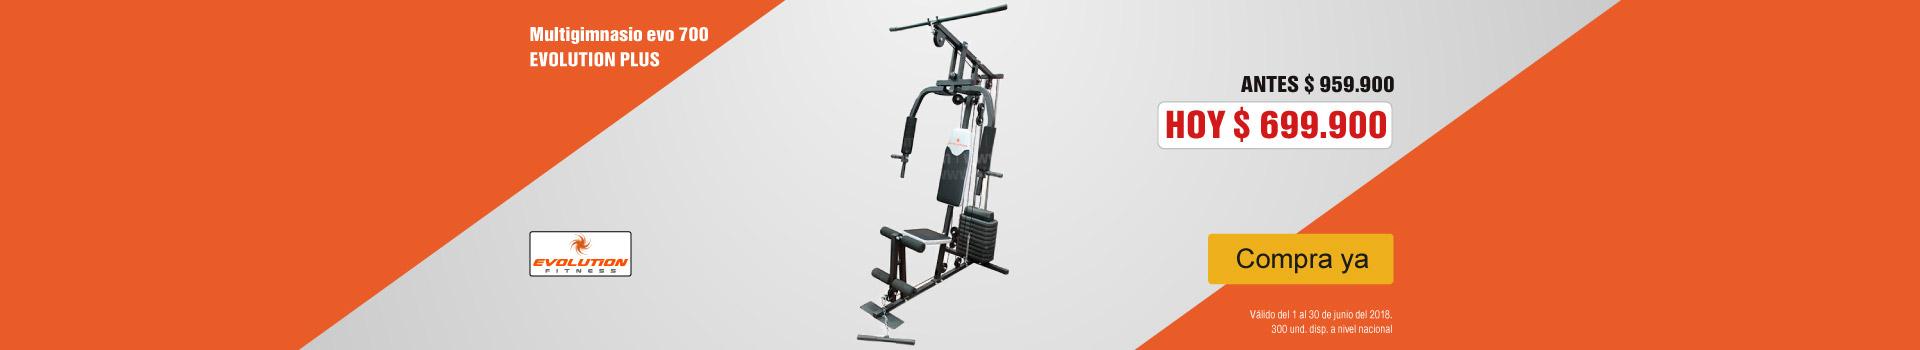 AK-KT-BCAT-5-Deportes-PP-Evolution-MultigimnasioEvo700-Jun23